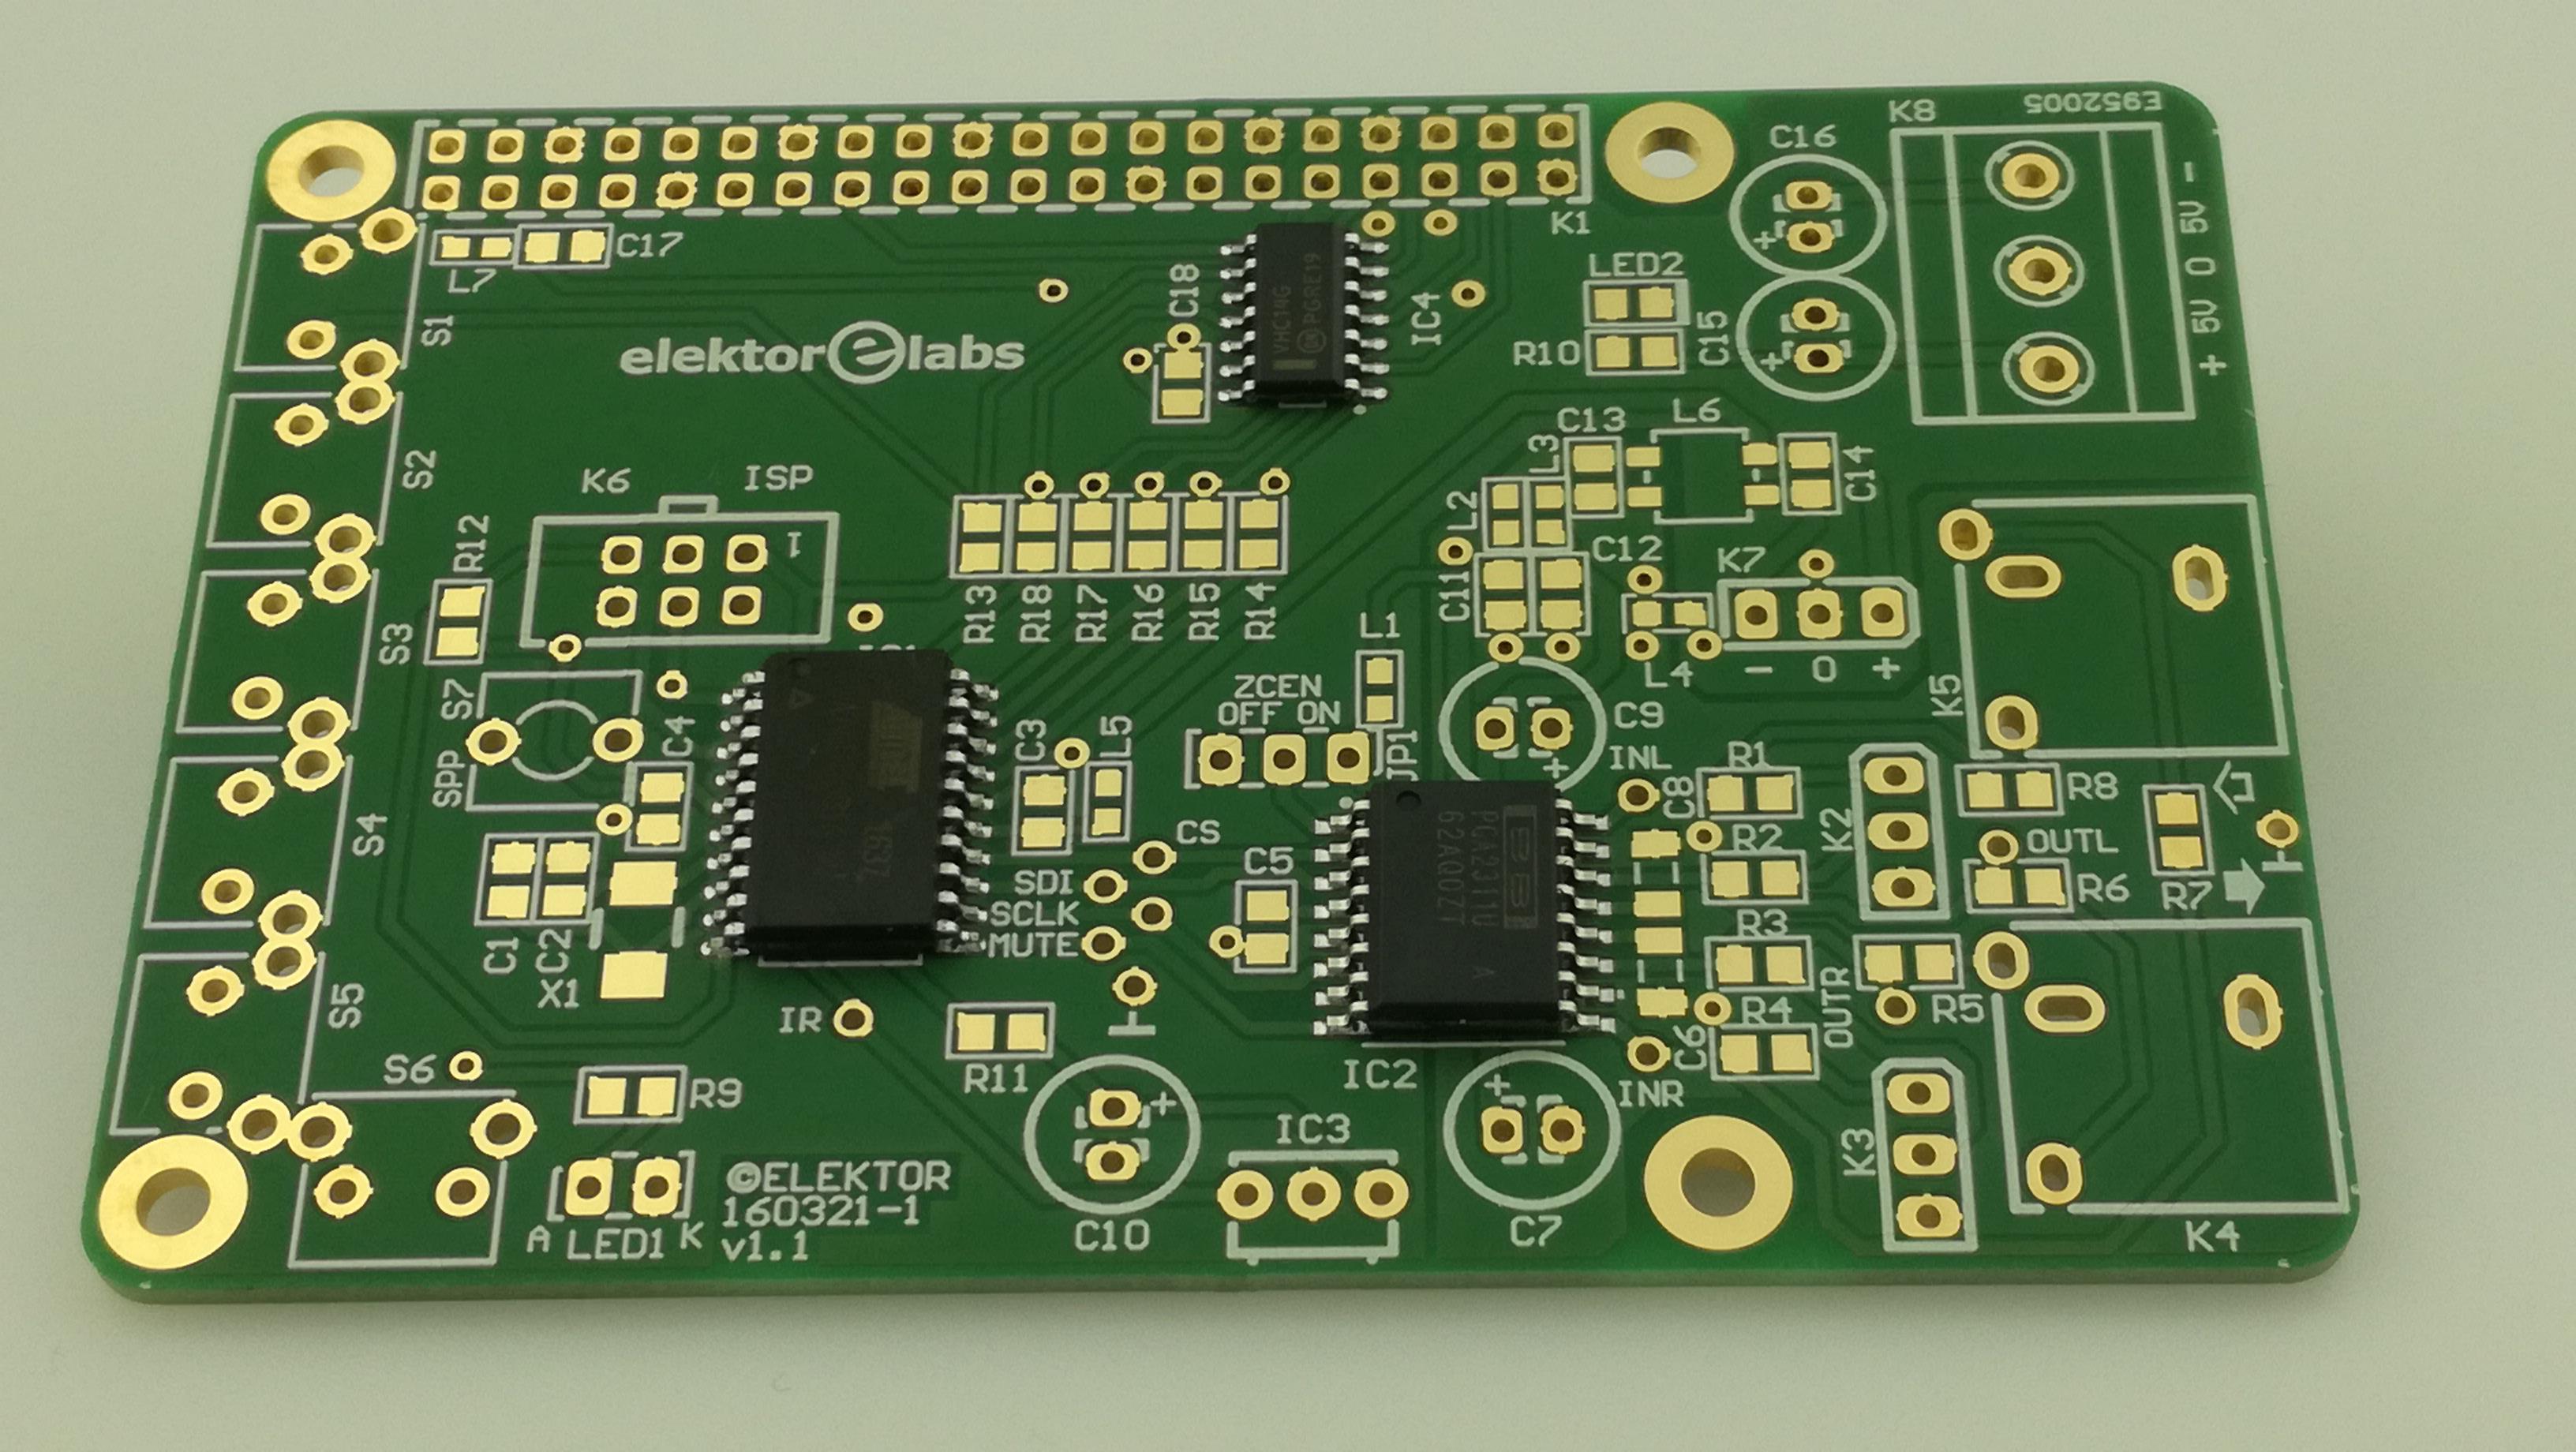 Volumeneinstellung für RPI Audio-DAC - Teilbestückte Leiterplatte (160321-1)